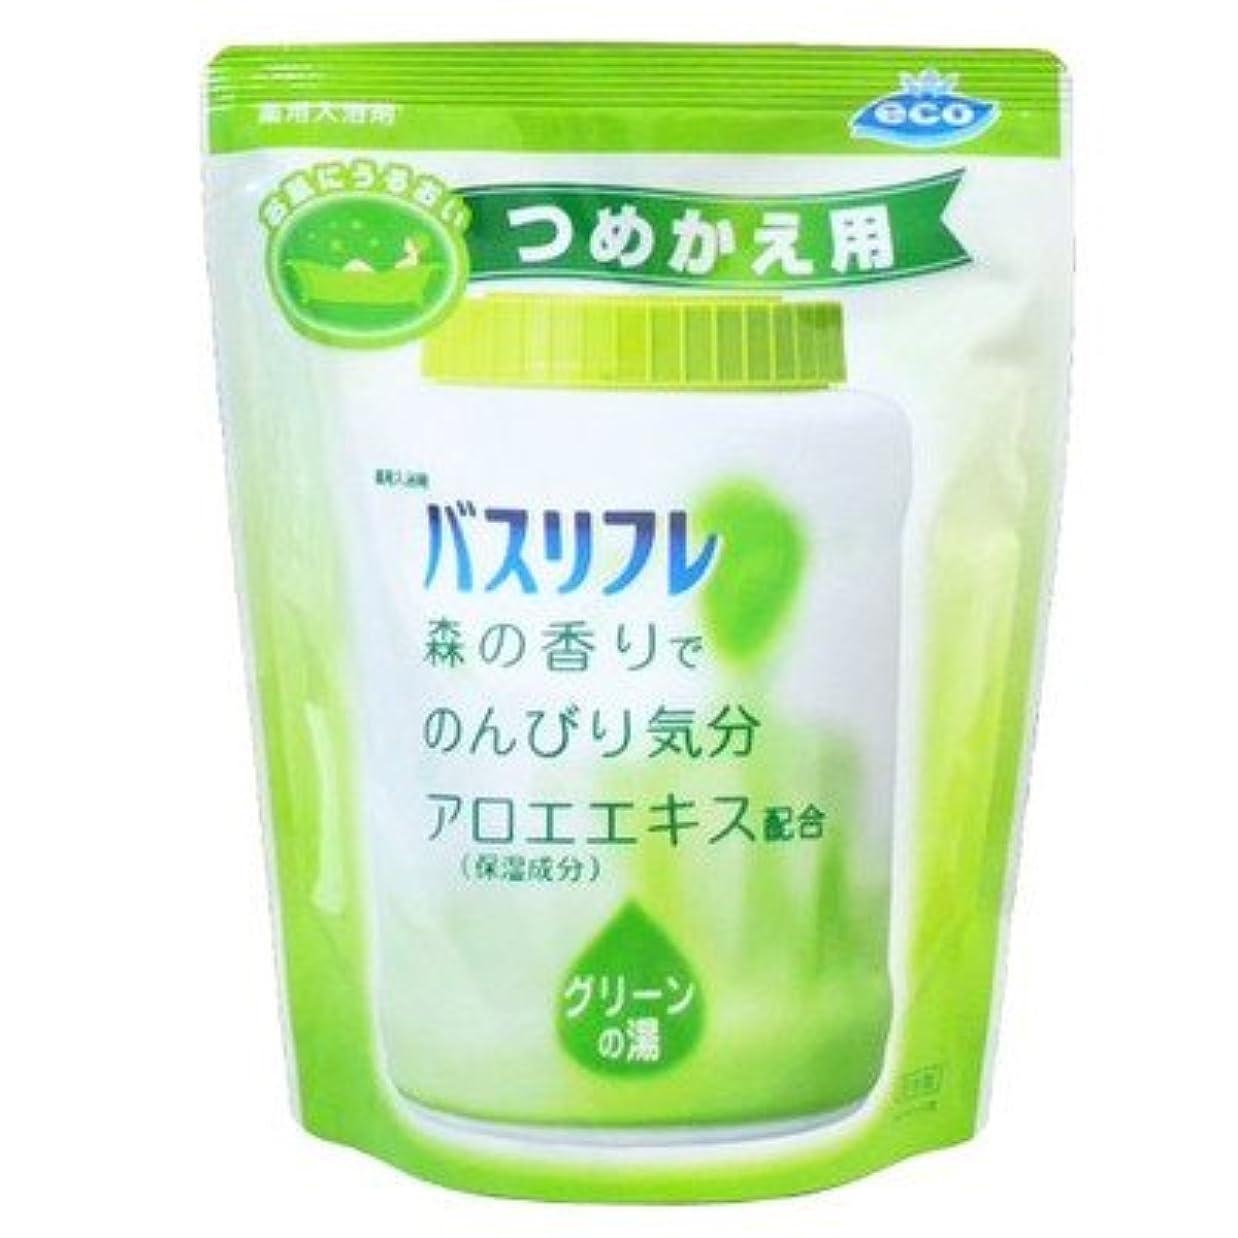 参照するボタン解放する薬用入浴剤 バスリフレ グリーンの湯 つめかえ用 540g 森の香り (ライオンケミカル)